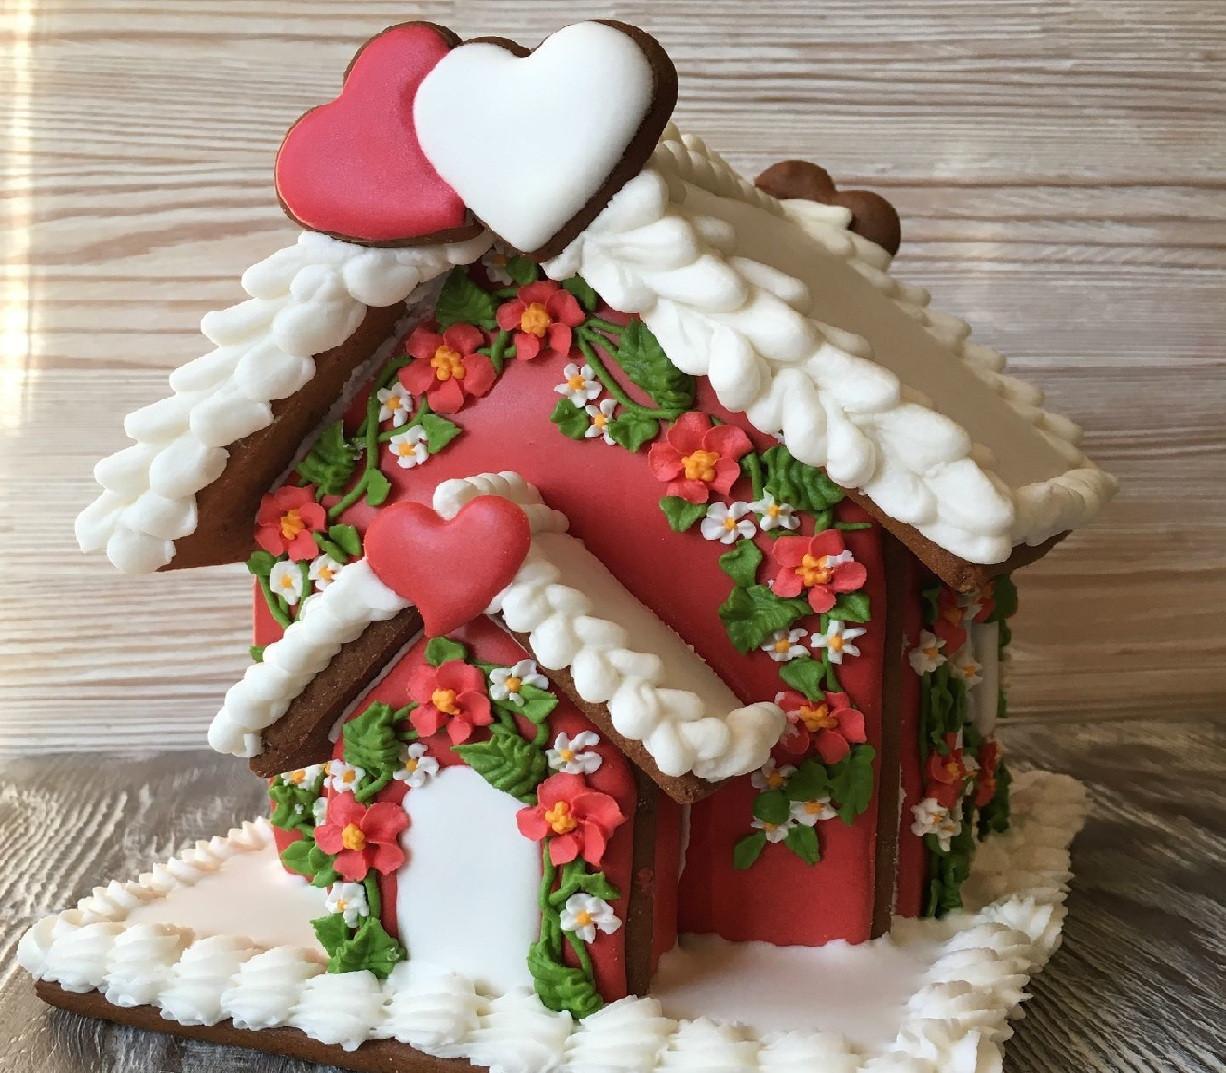 идеи оформления пряничного домика на Новый год и Рождество 2021 фото 1